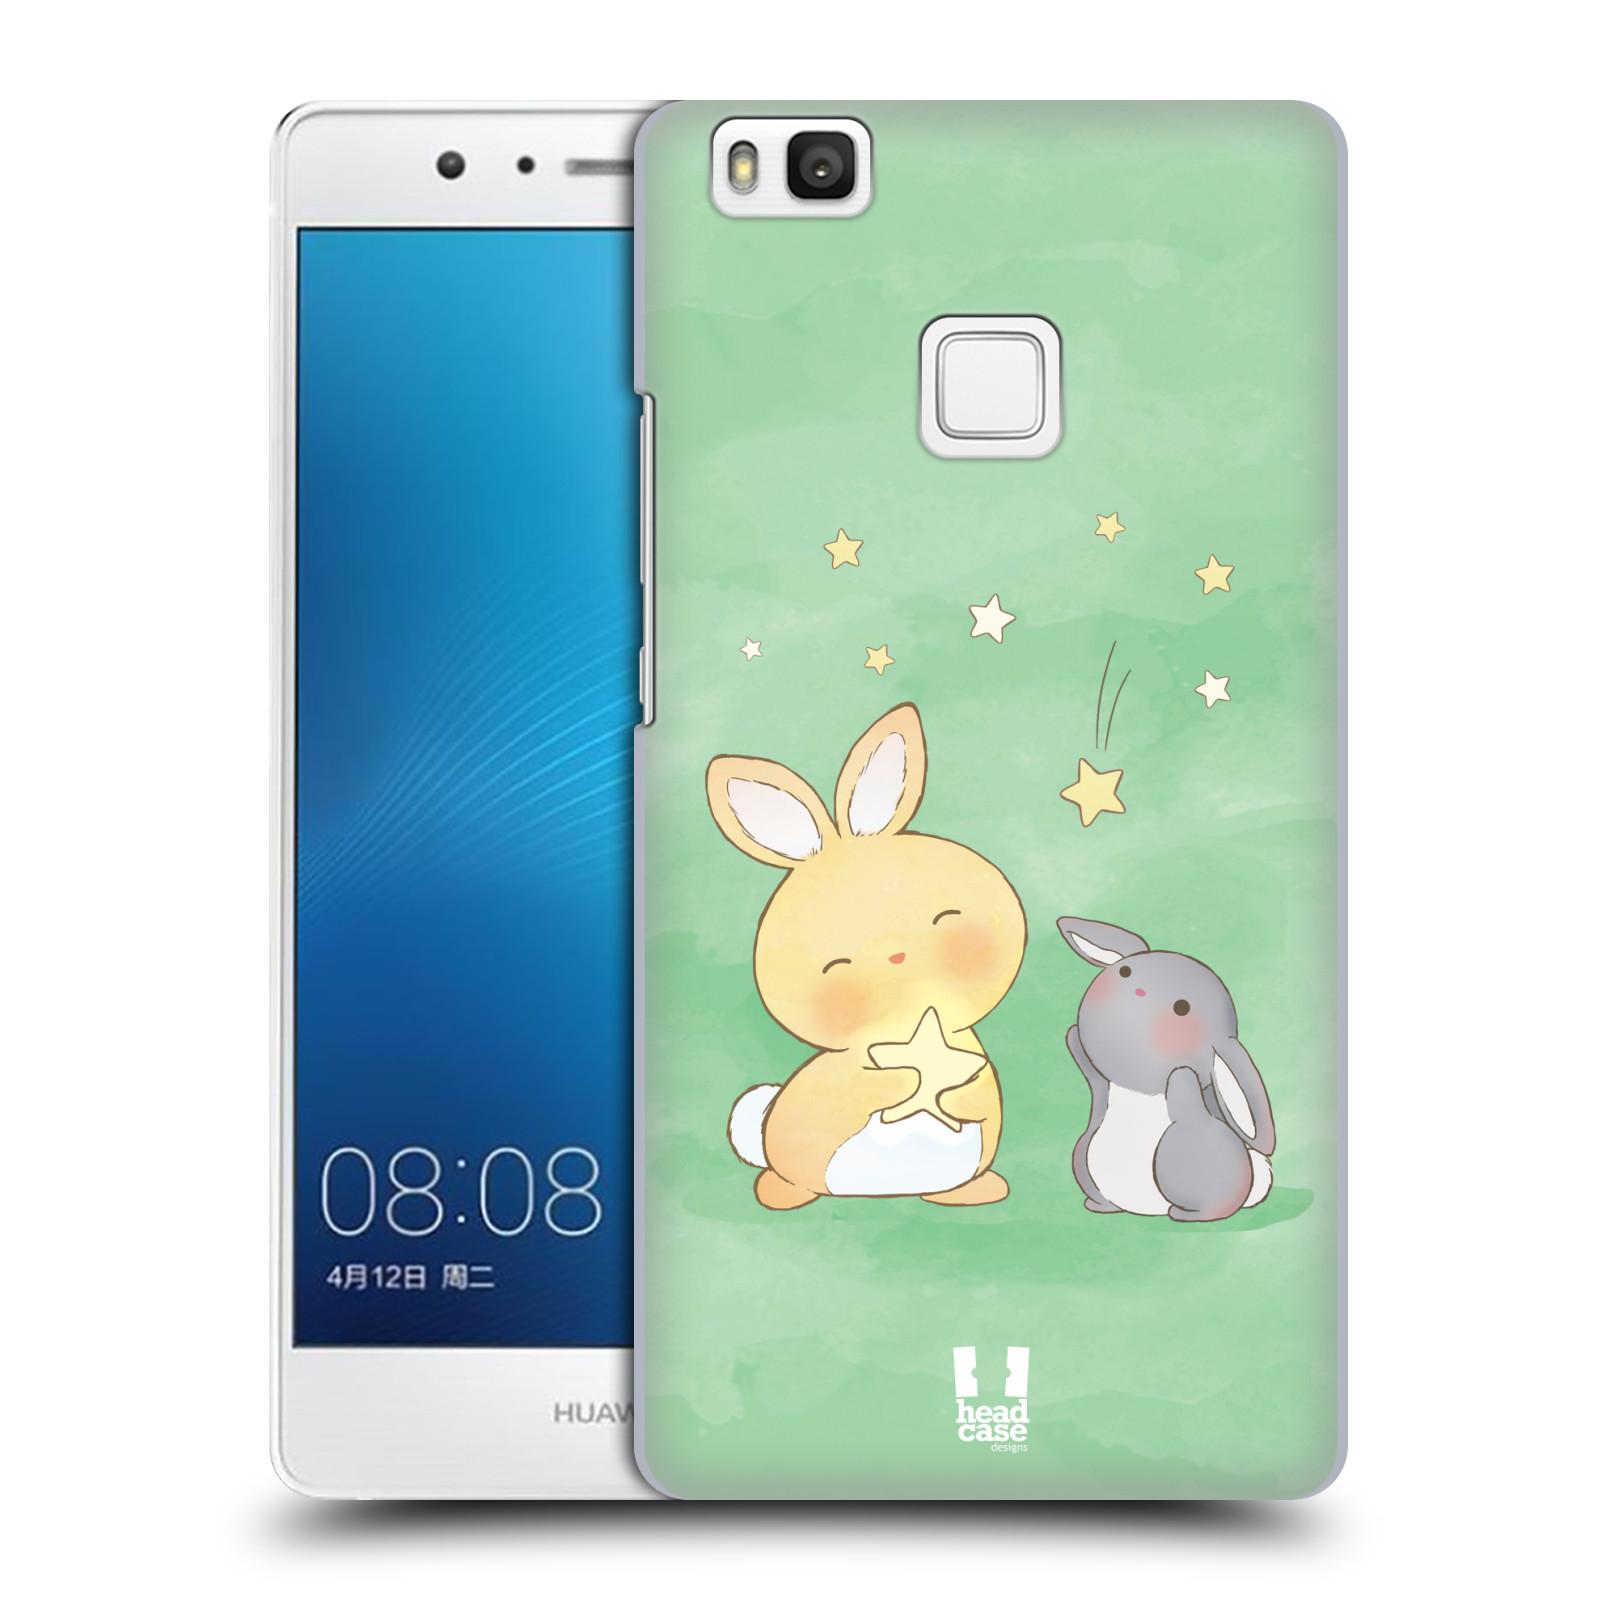 HEAD CASE plastový obal na mobil Huawei P9 LITE / P9 LITE DUAL SIM vzor králíček a hvězdy zelená